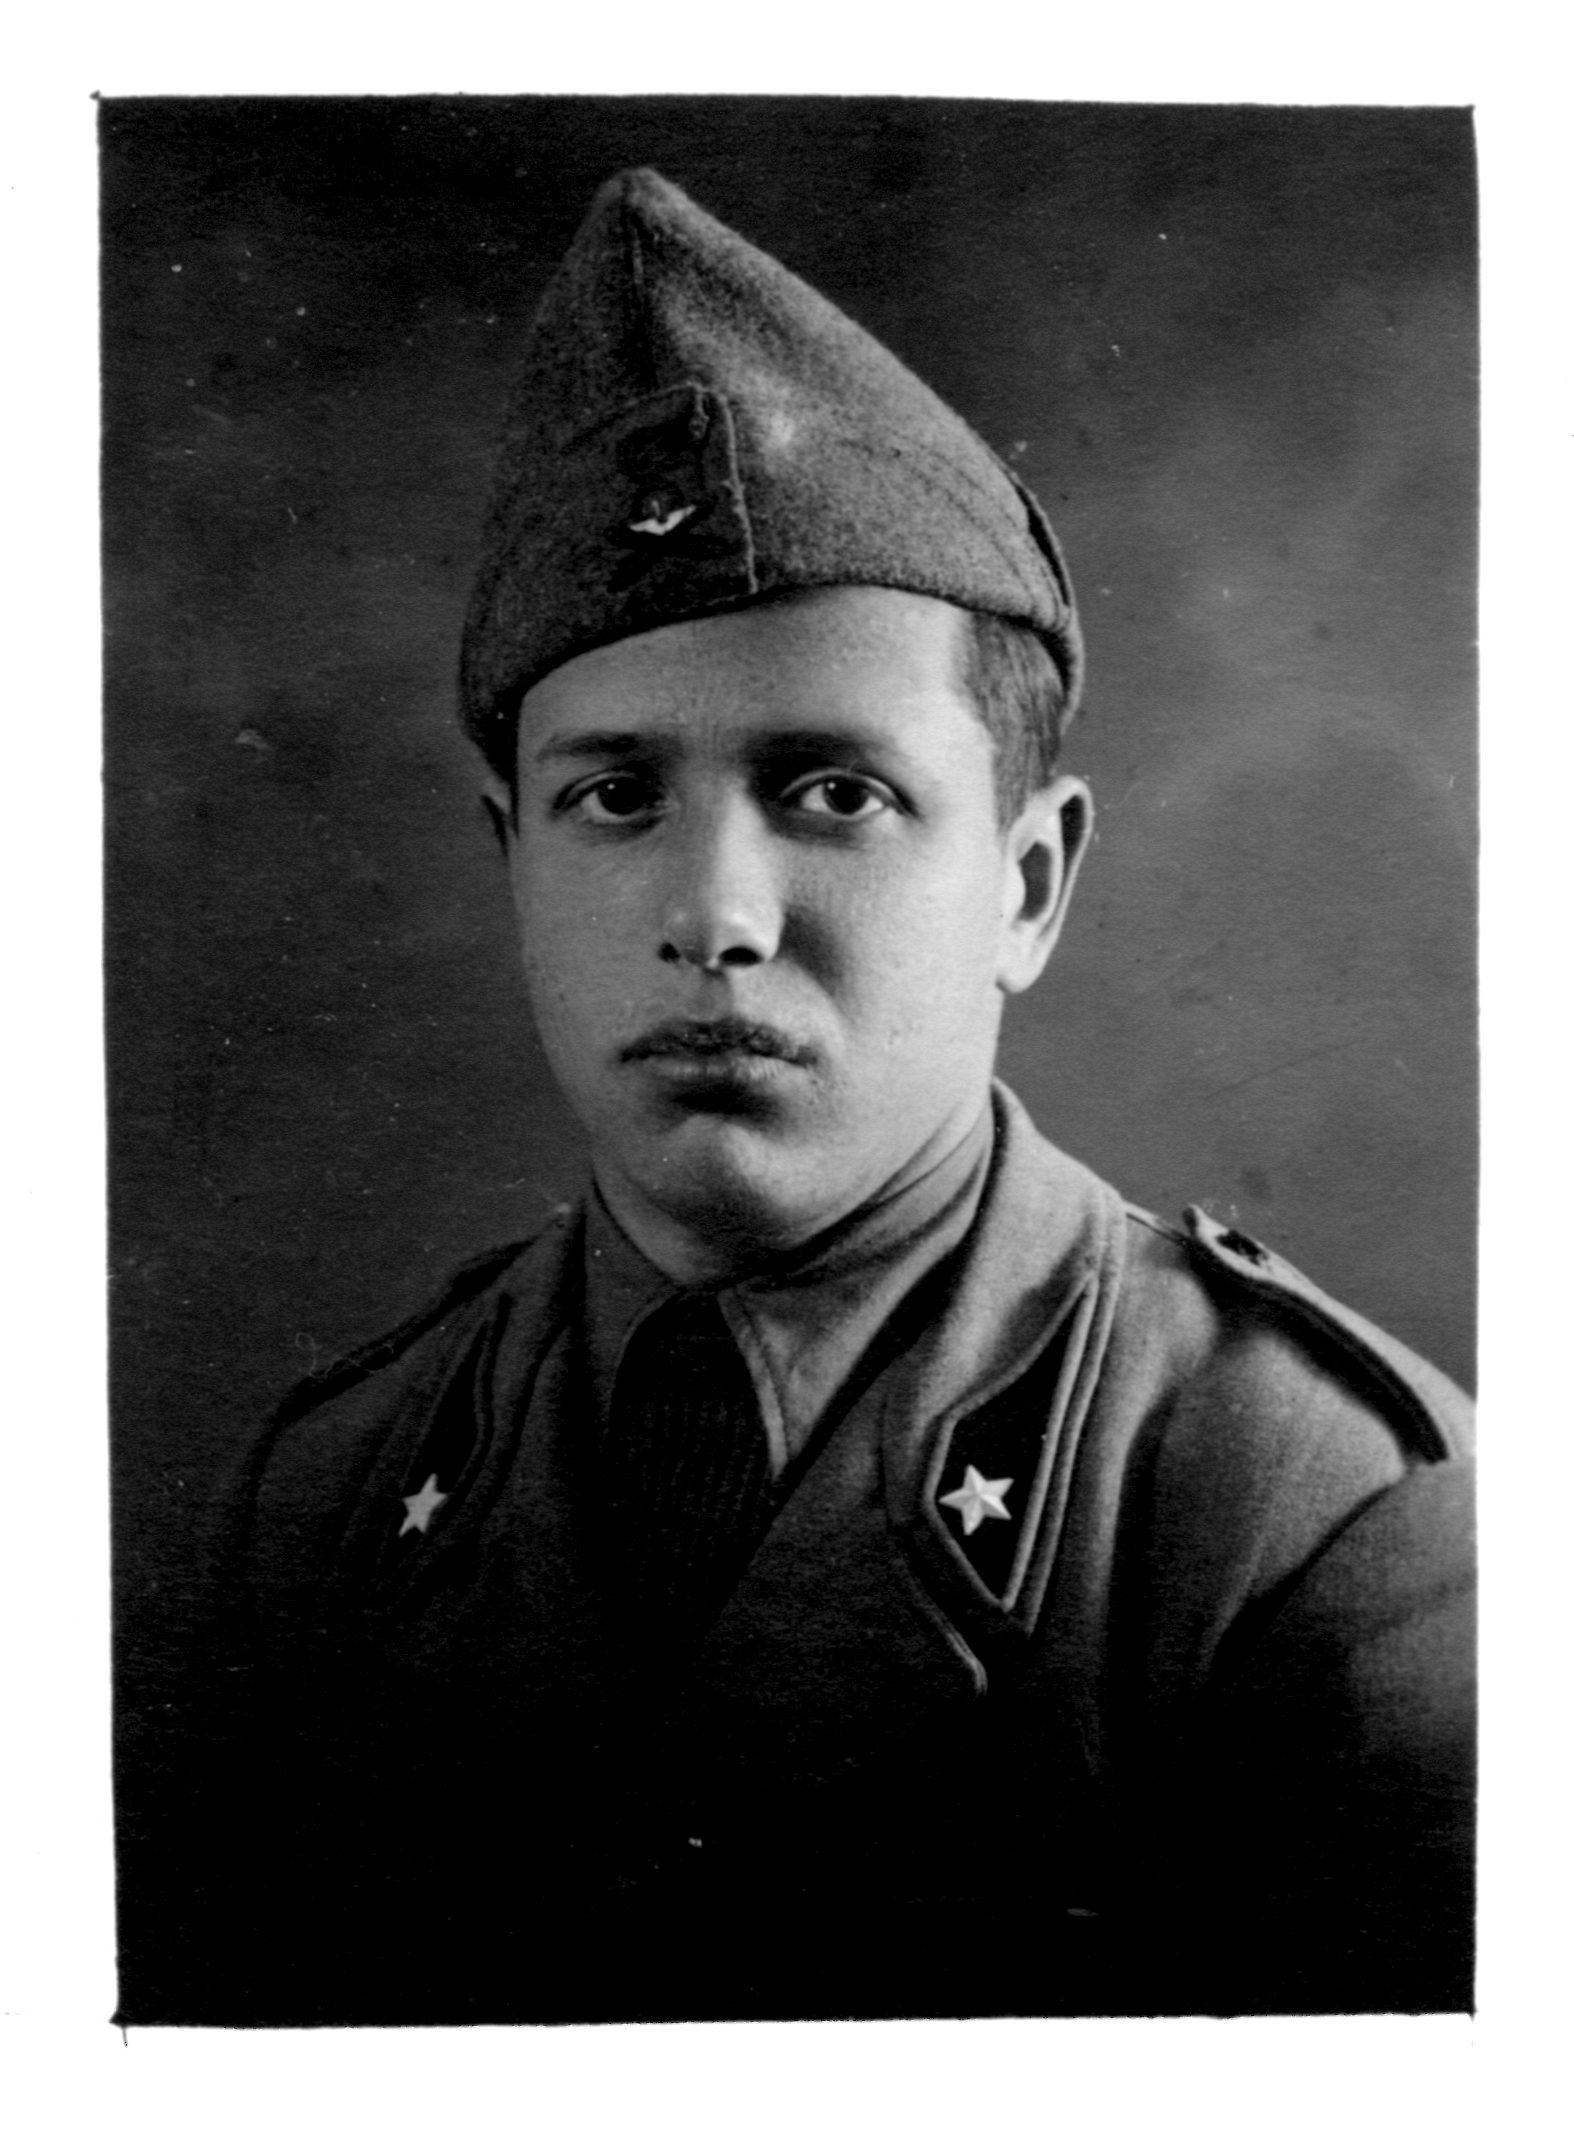 Mio nonno in guerra